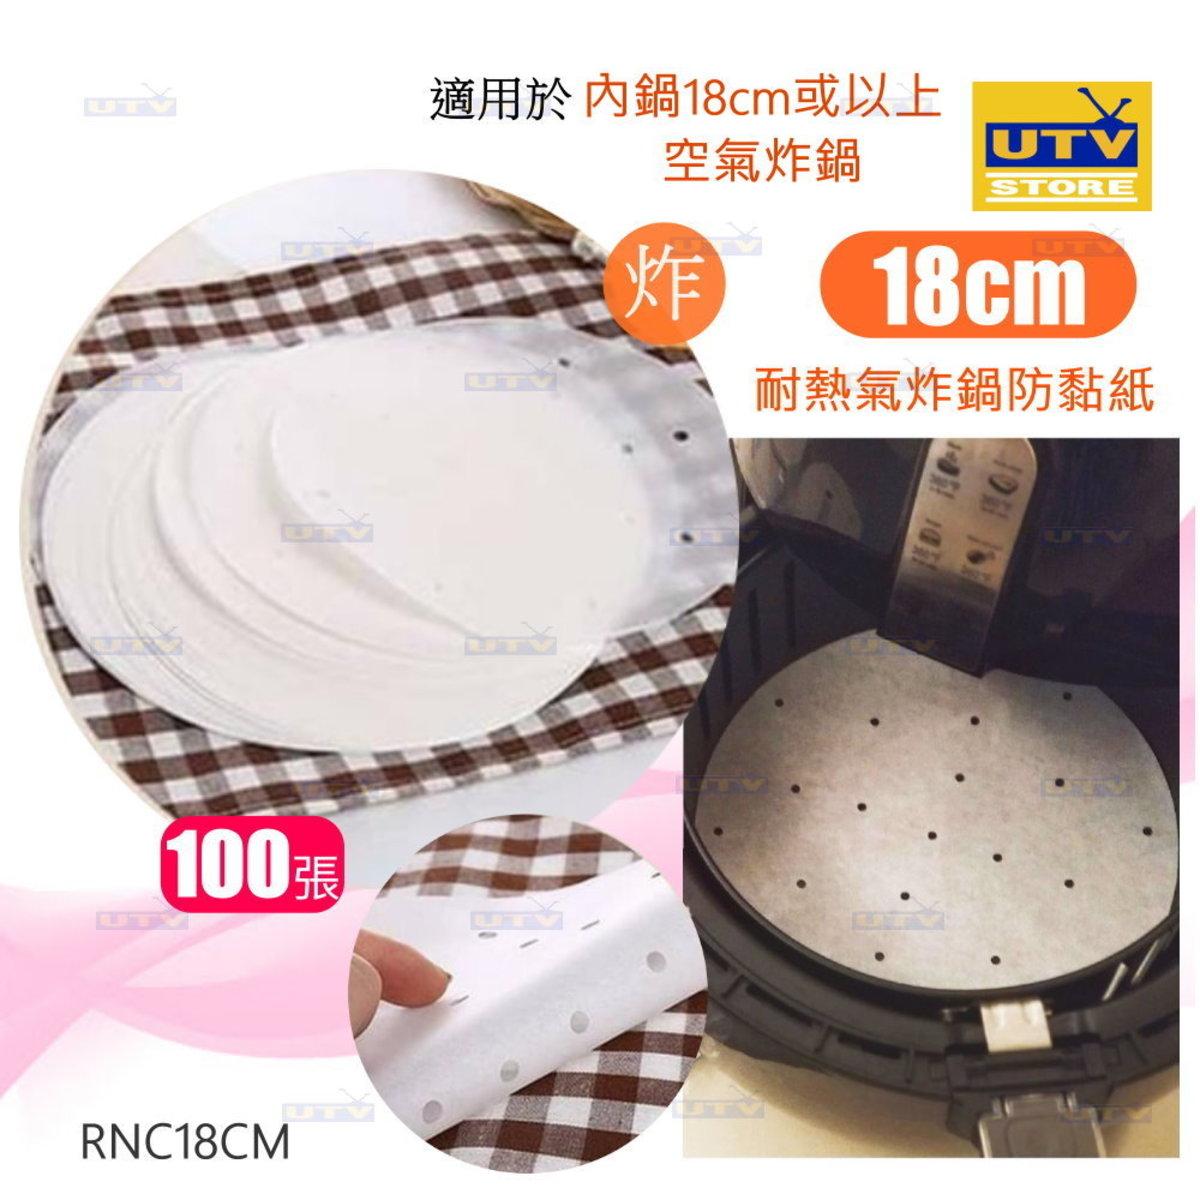 (有洞孔) 空氣炸鍋墊紙7寸 直徑18cm 100張 RNC18CM